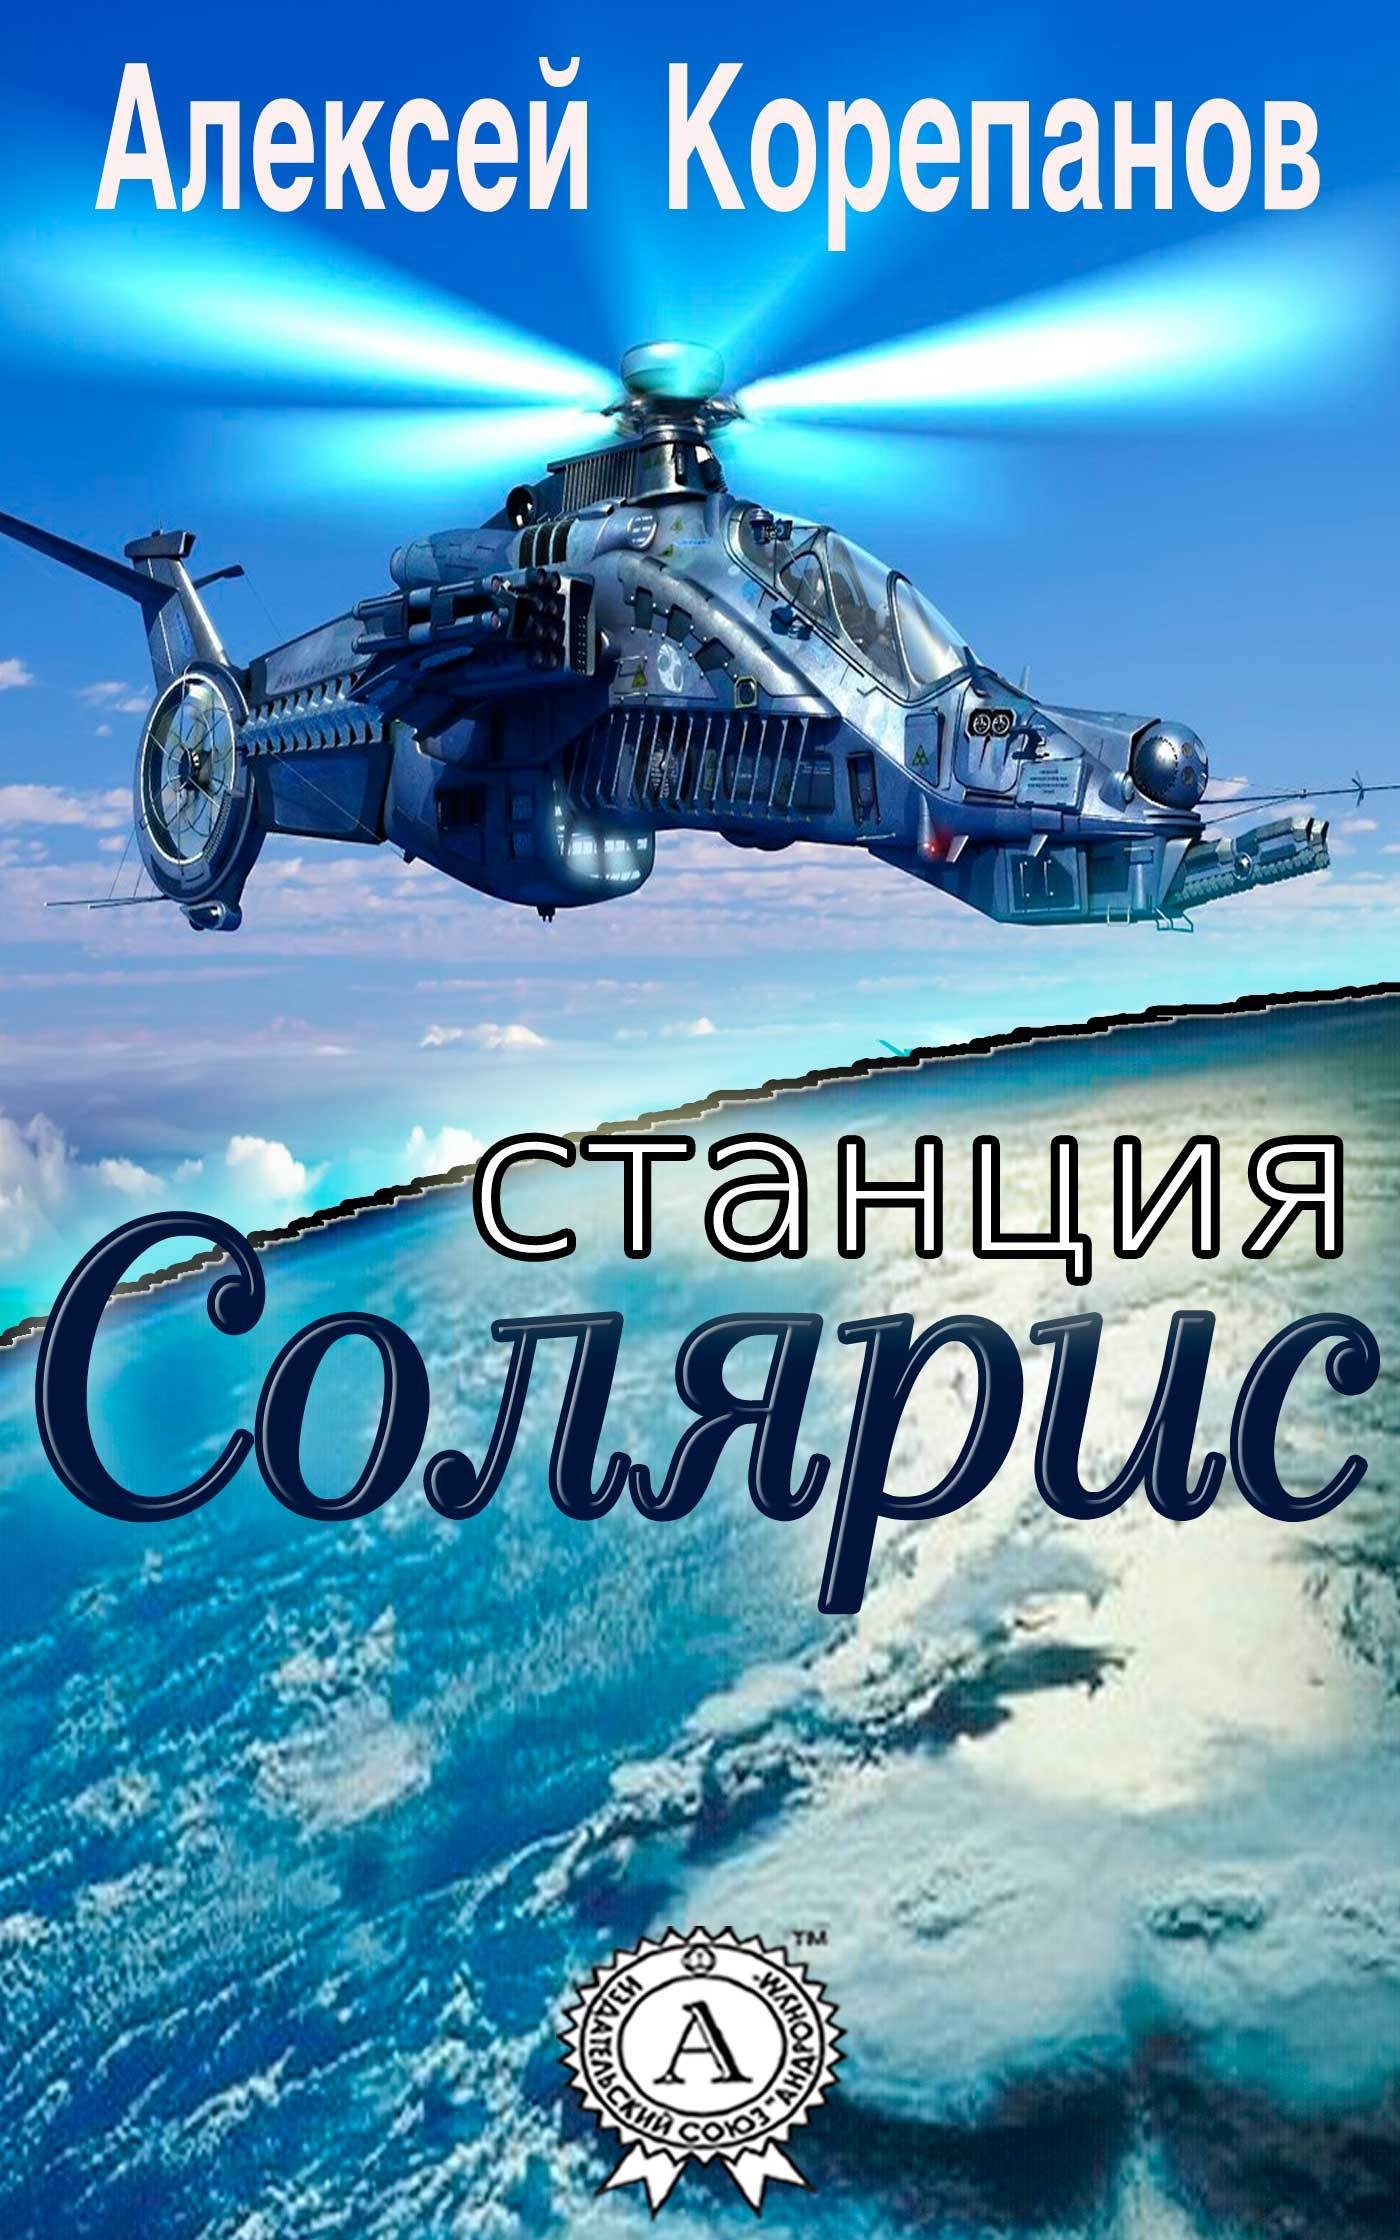 Алексей Корепанов бесплатно